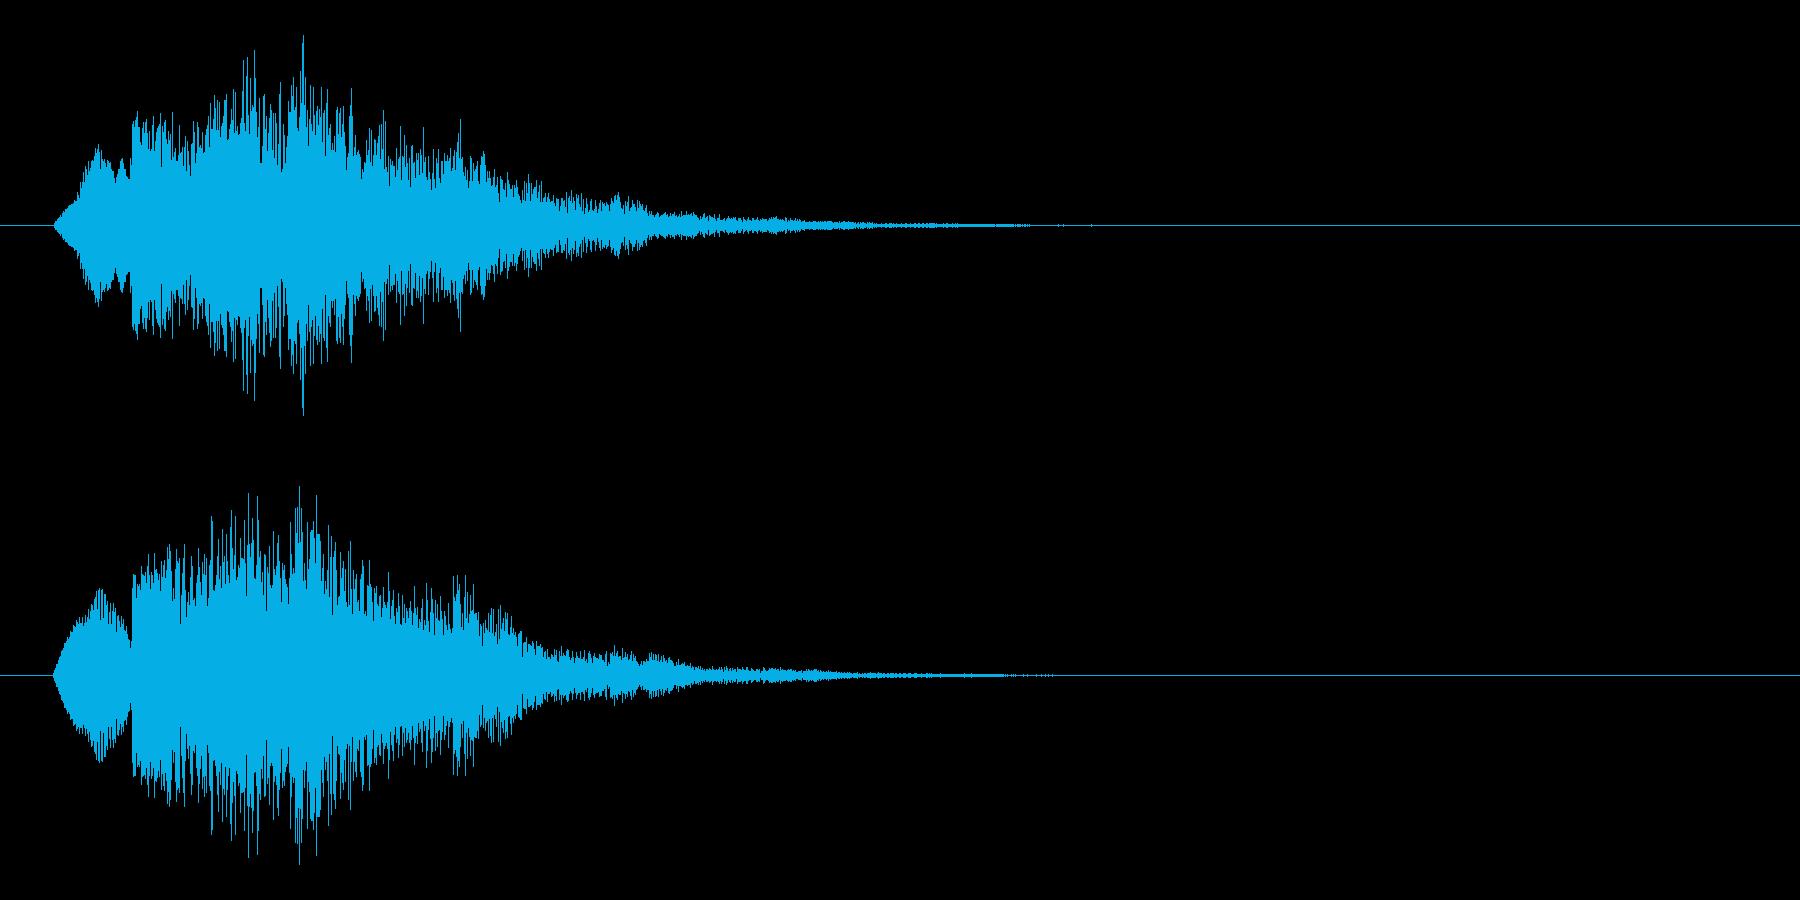 キュイン/レベルアップ/SF系/エコーの再生済みの波形